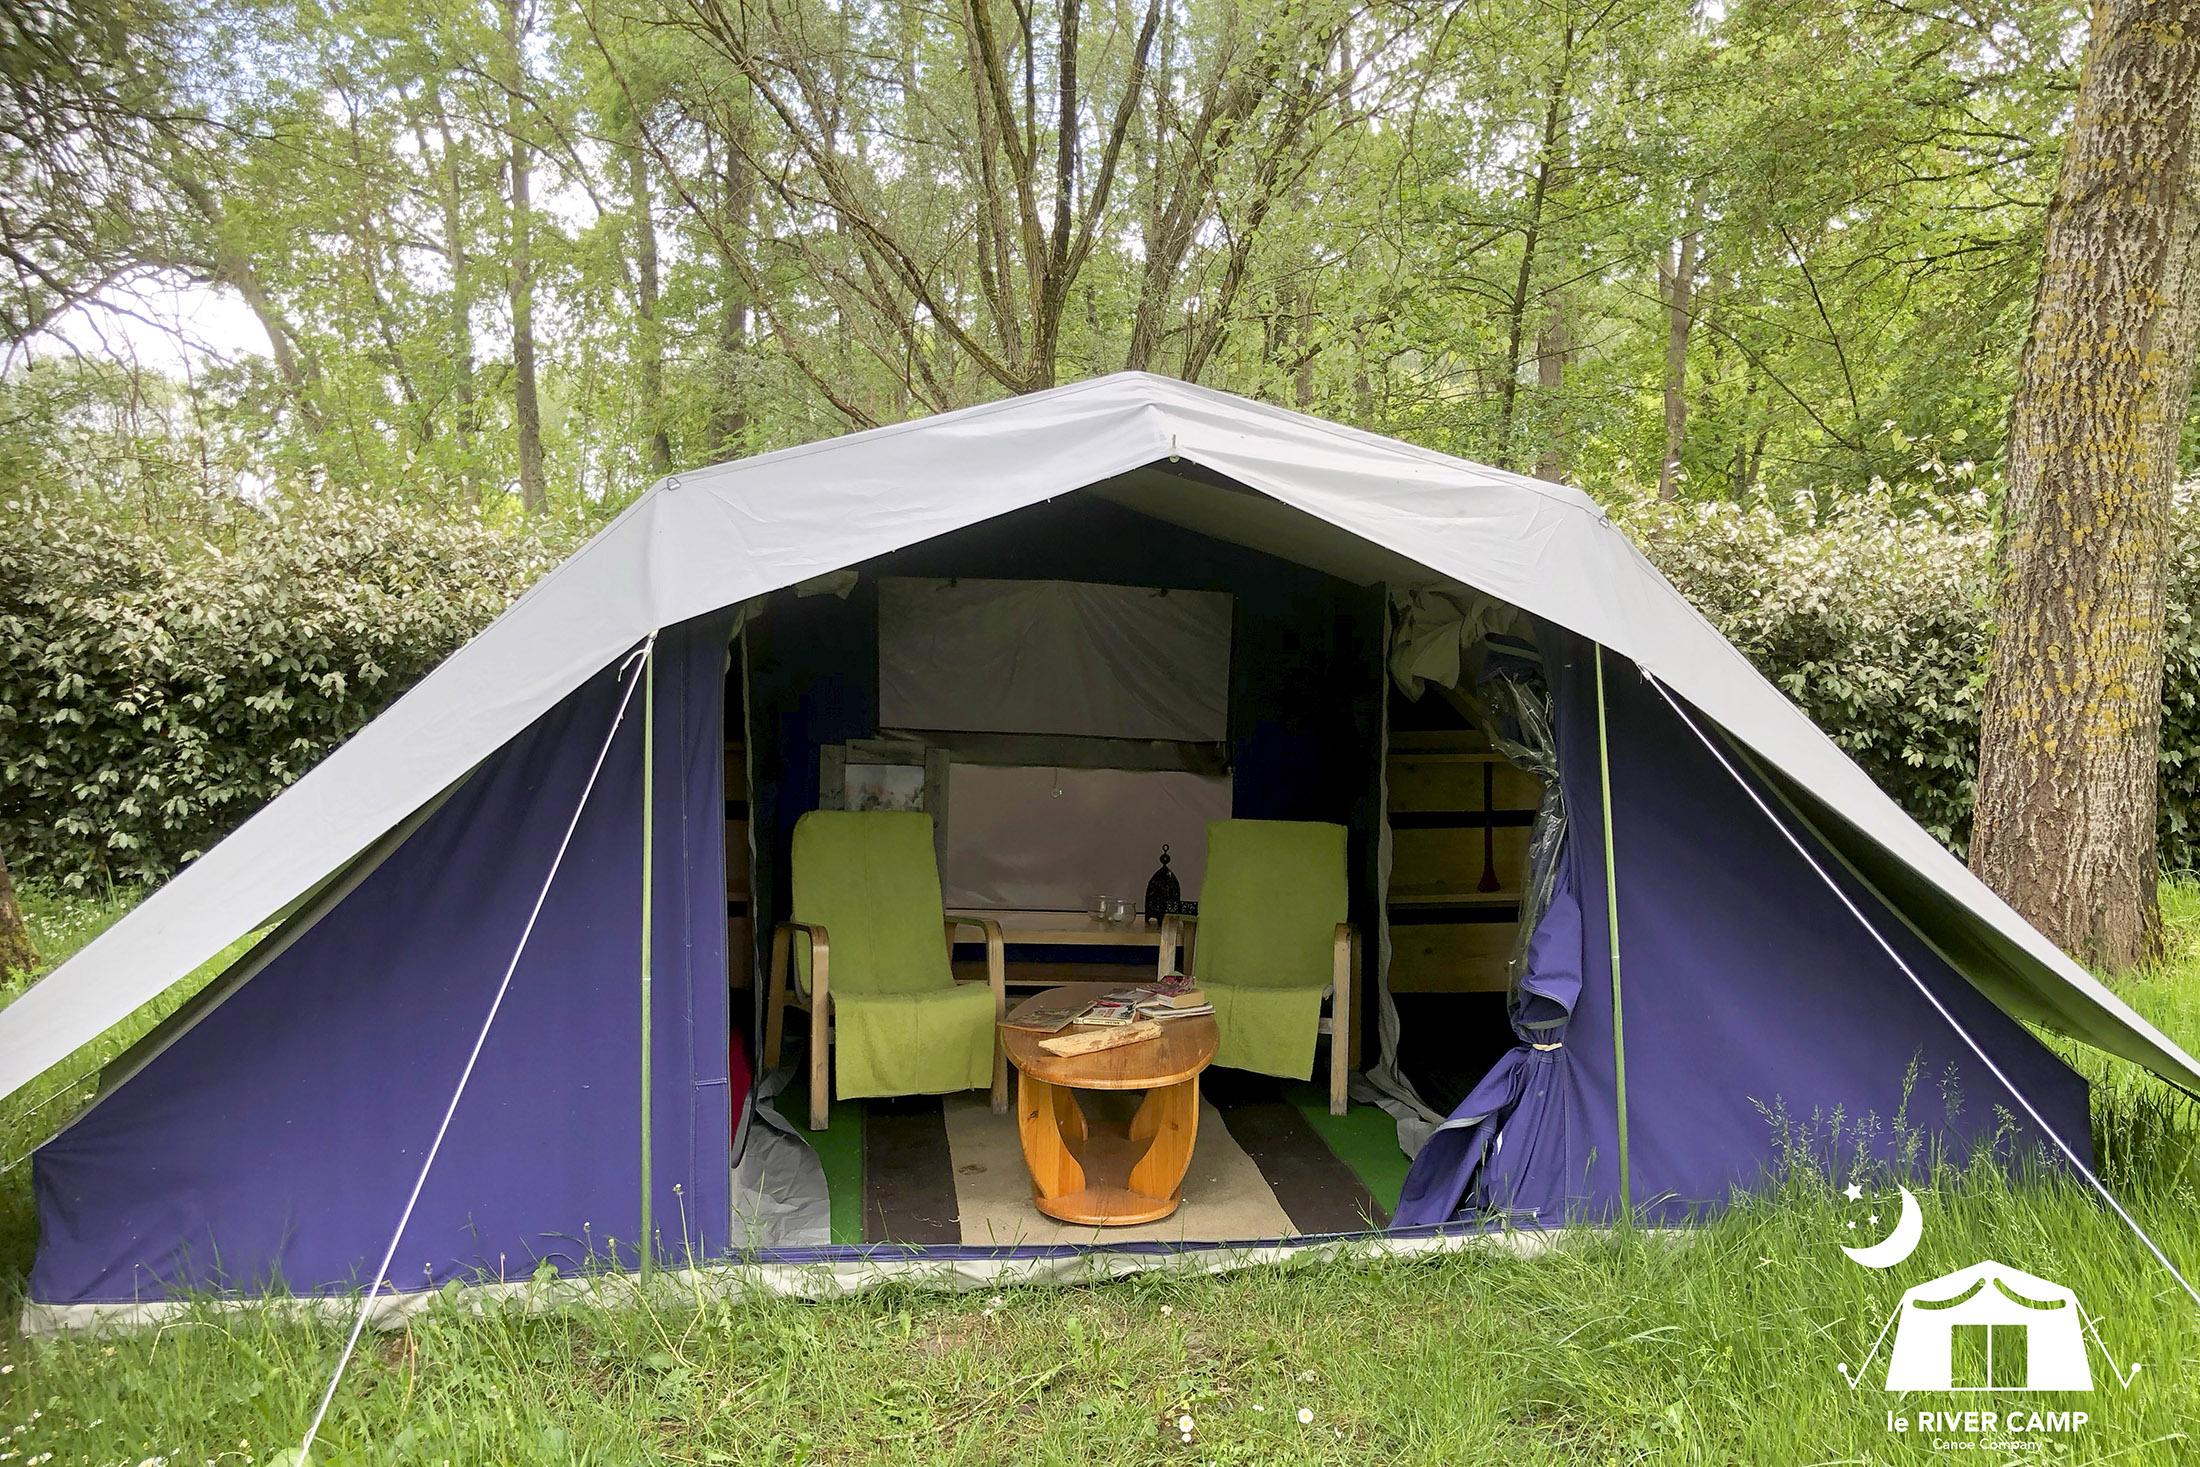 Tente équipée du River Camp Canoë Company